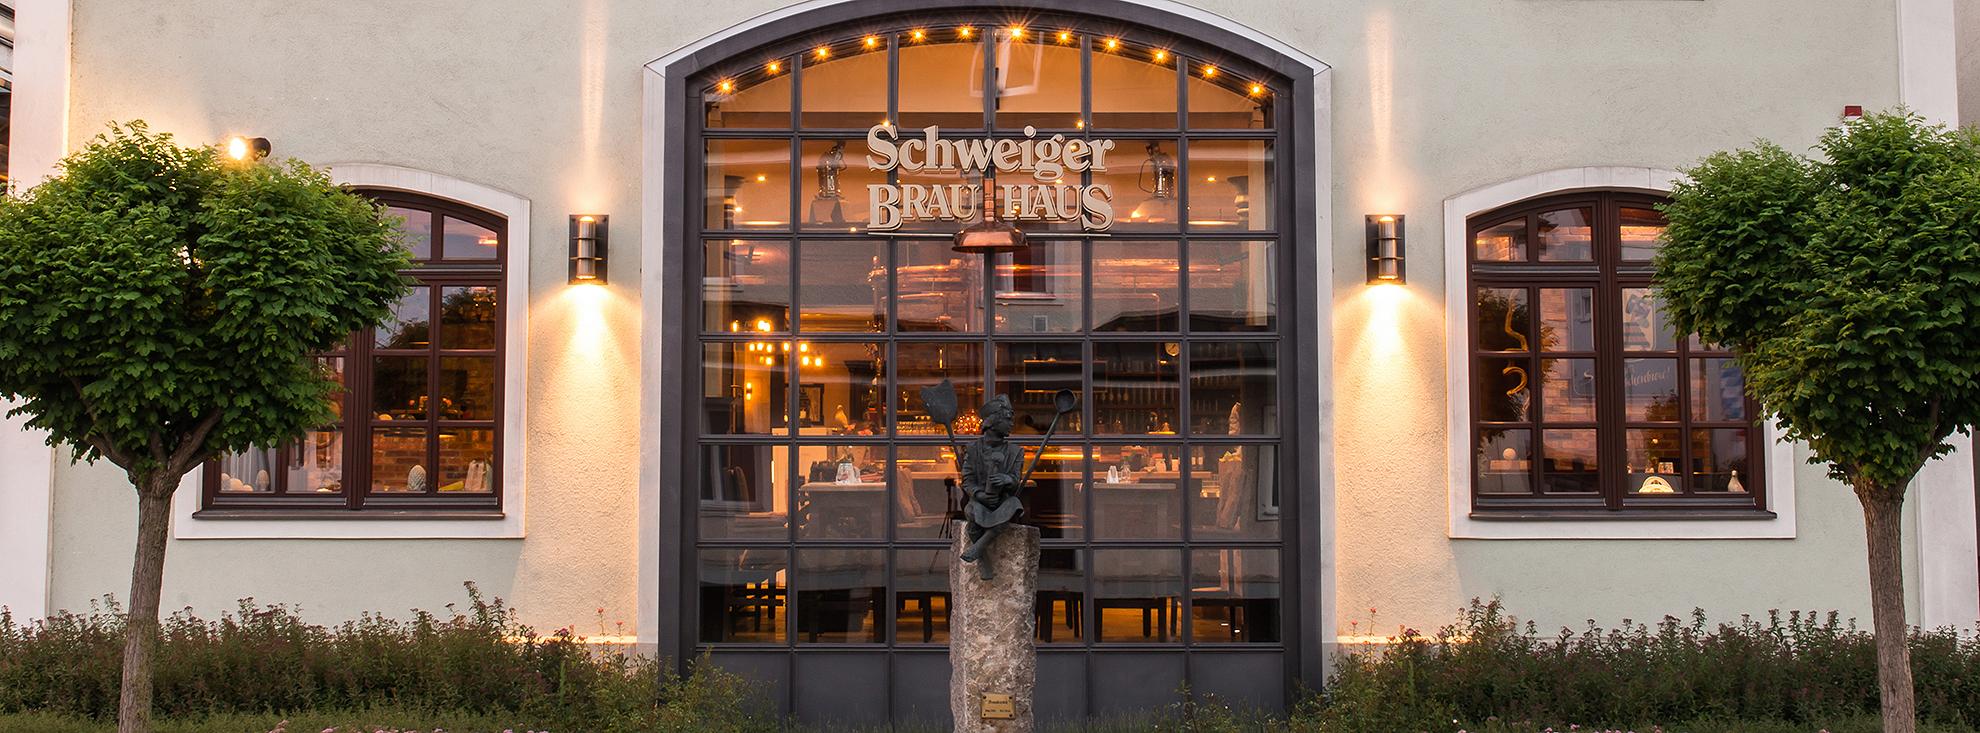 Schweiger Brauhaus Markt Schwaben Eventlocation Bei Dayyourway